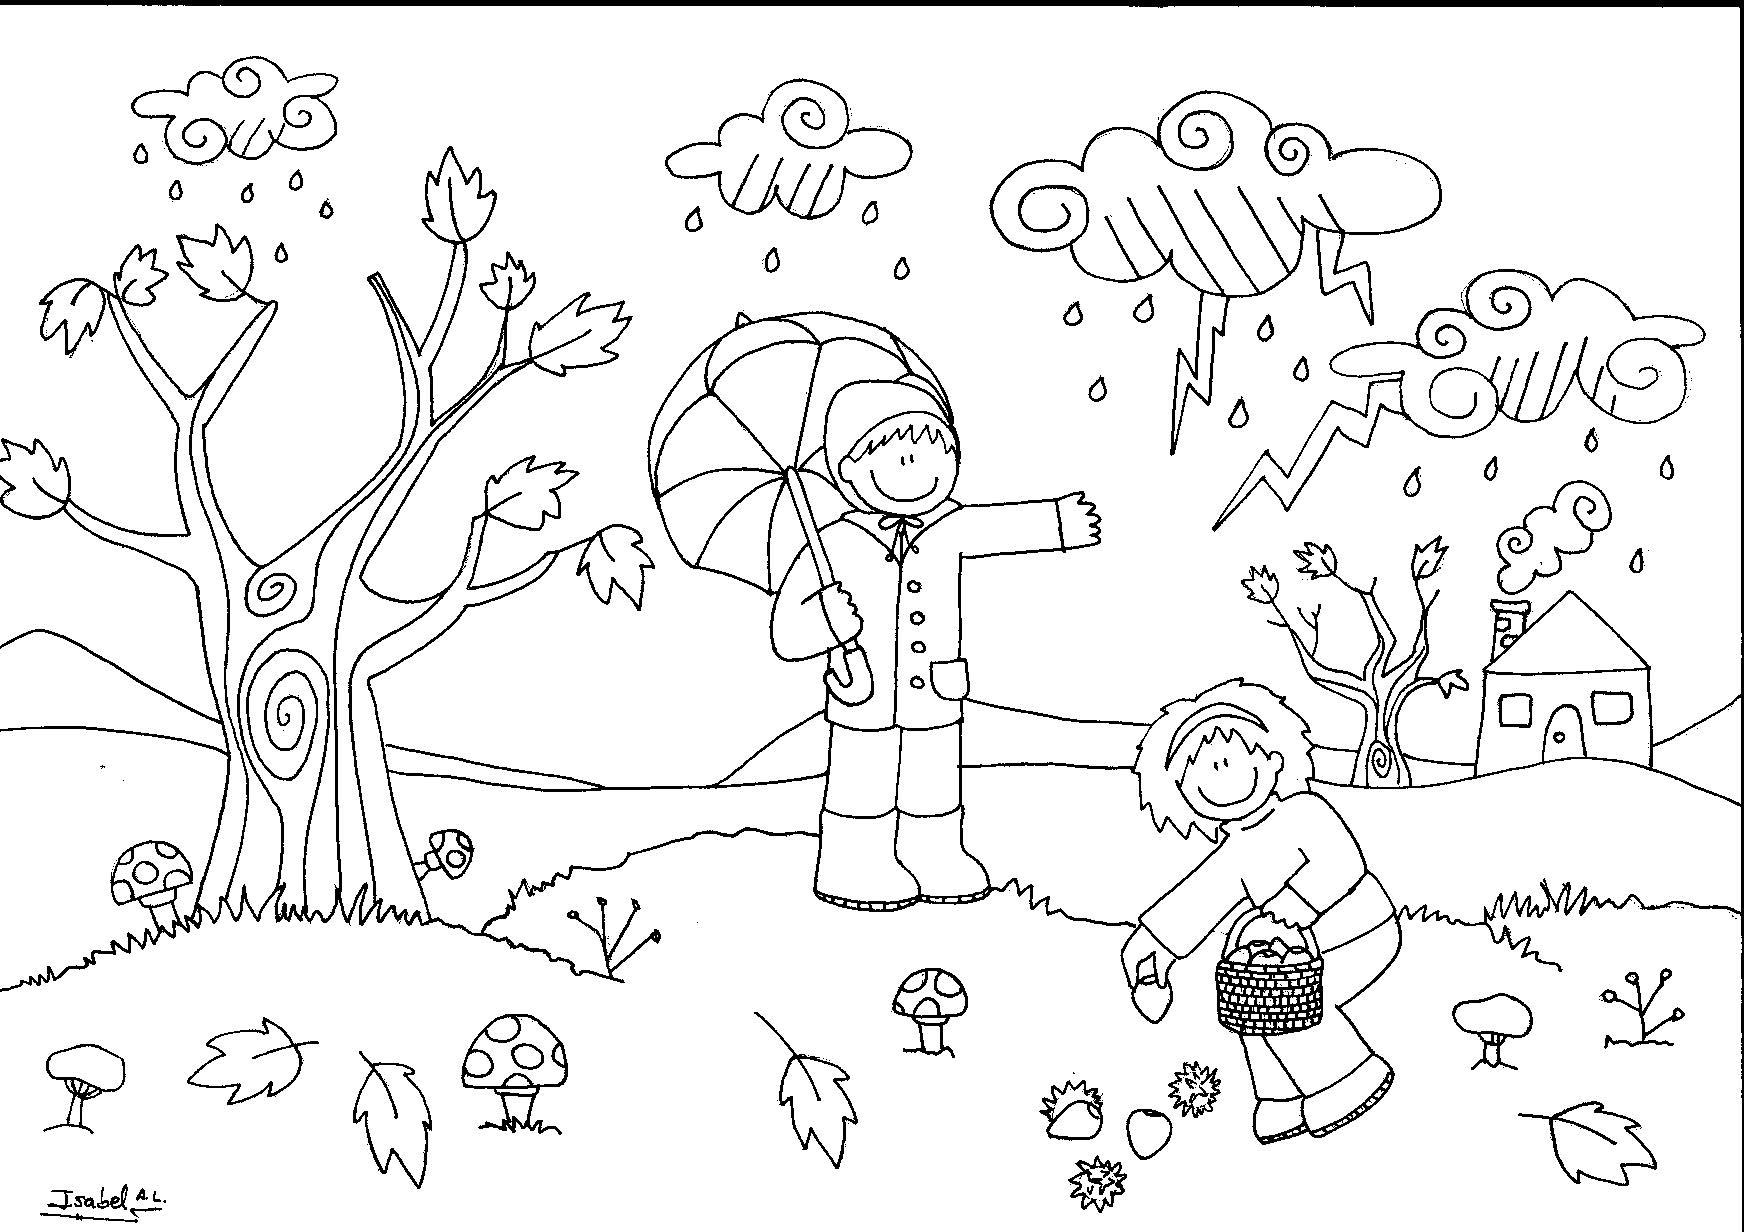 Dibujos de mandalas e imágenes de otoño para colorear ...